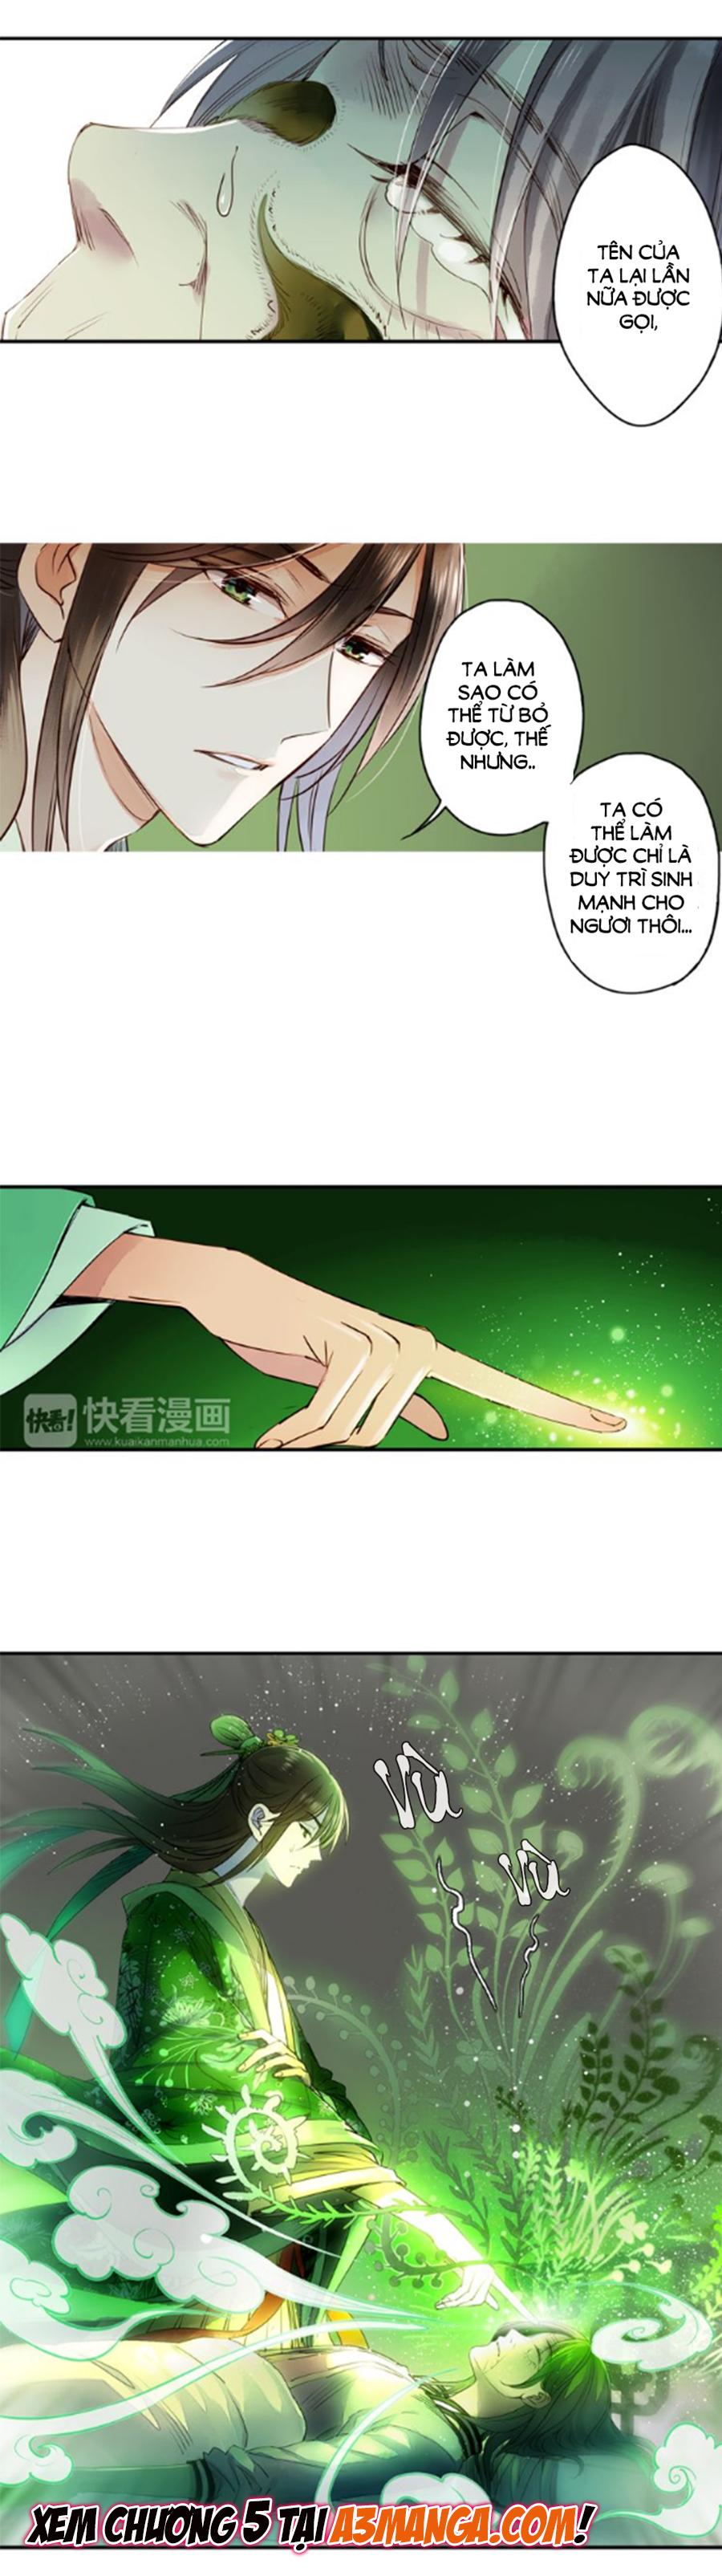 Sơn Thần và Tiểu Táo 2 Chap 4 - Next Chap 5